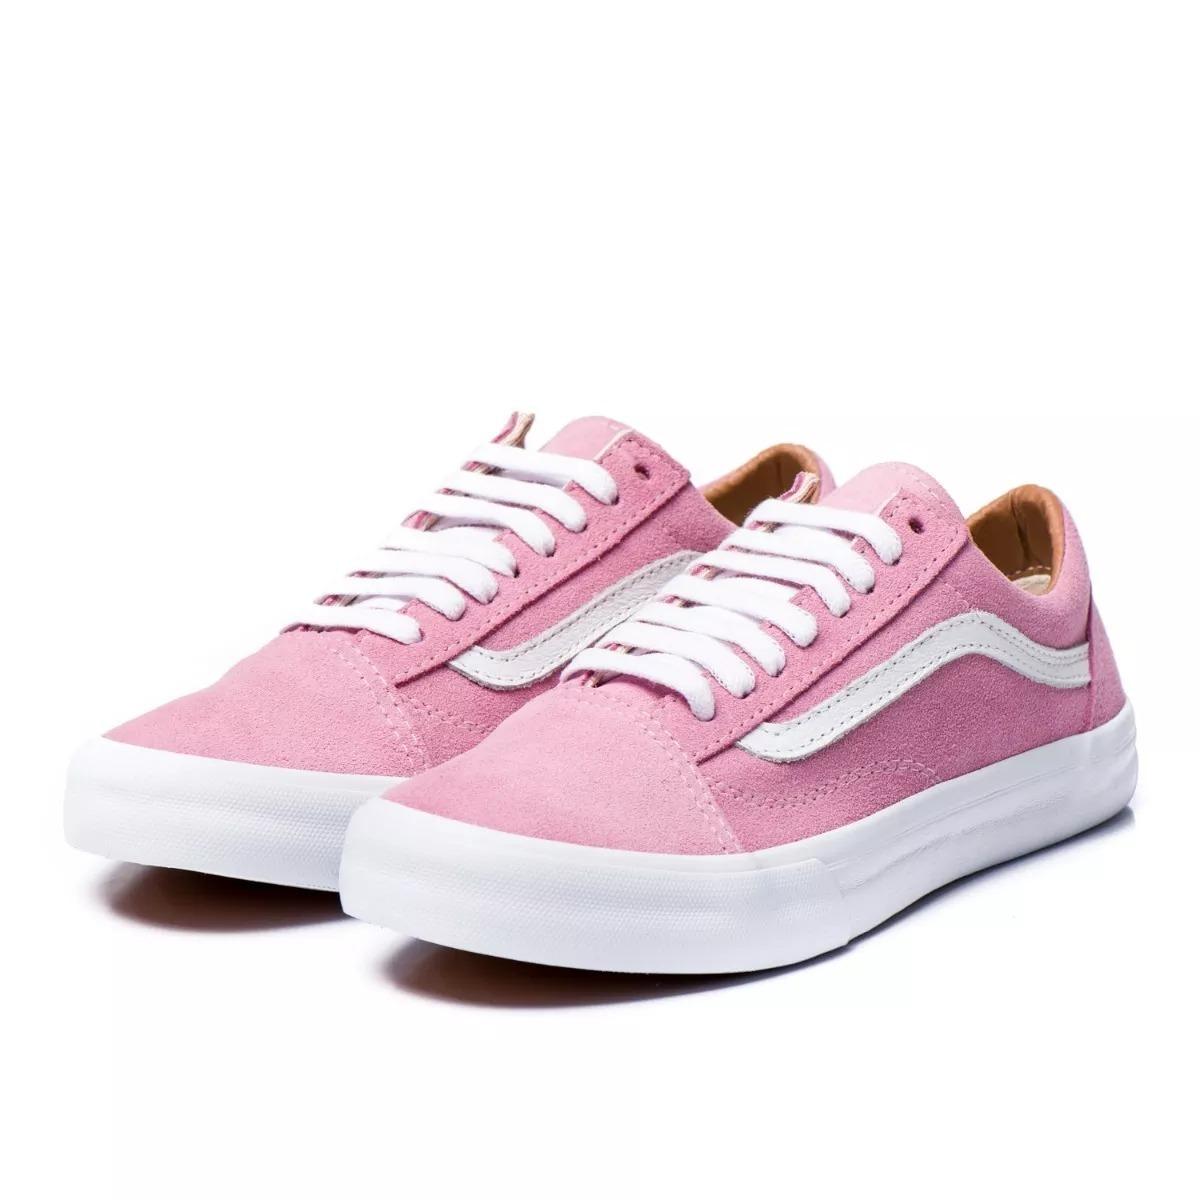 cb27f367d5a tênis vans old skool skate azul e rosa. feminino. original. Carregando zoom.